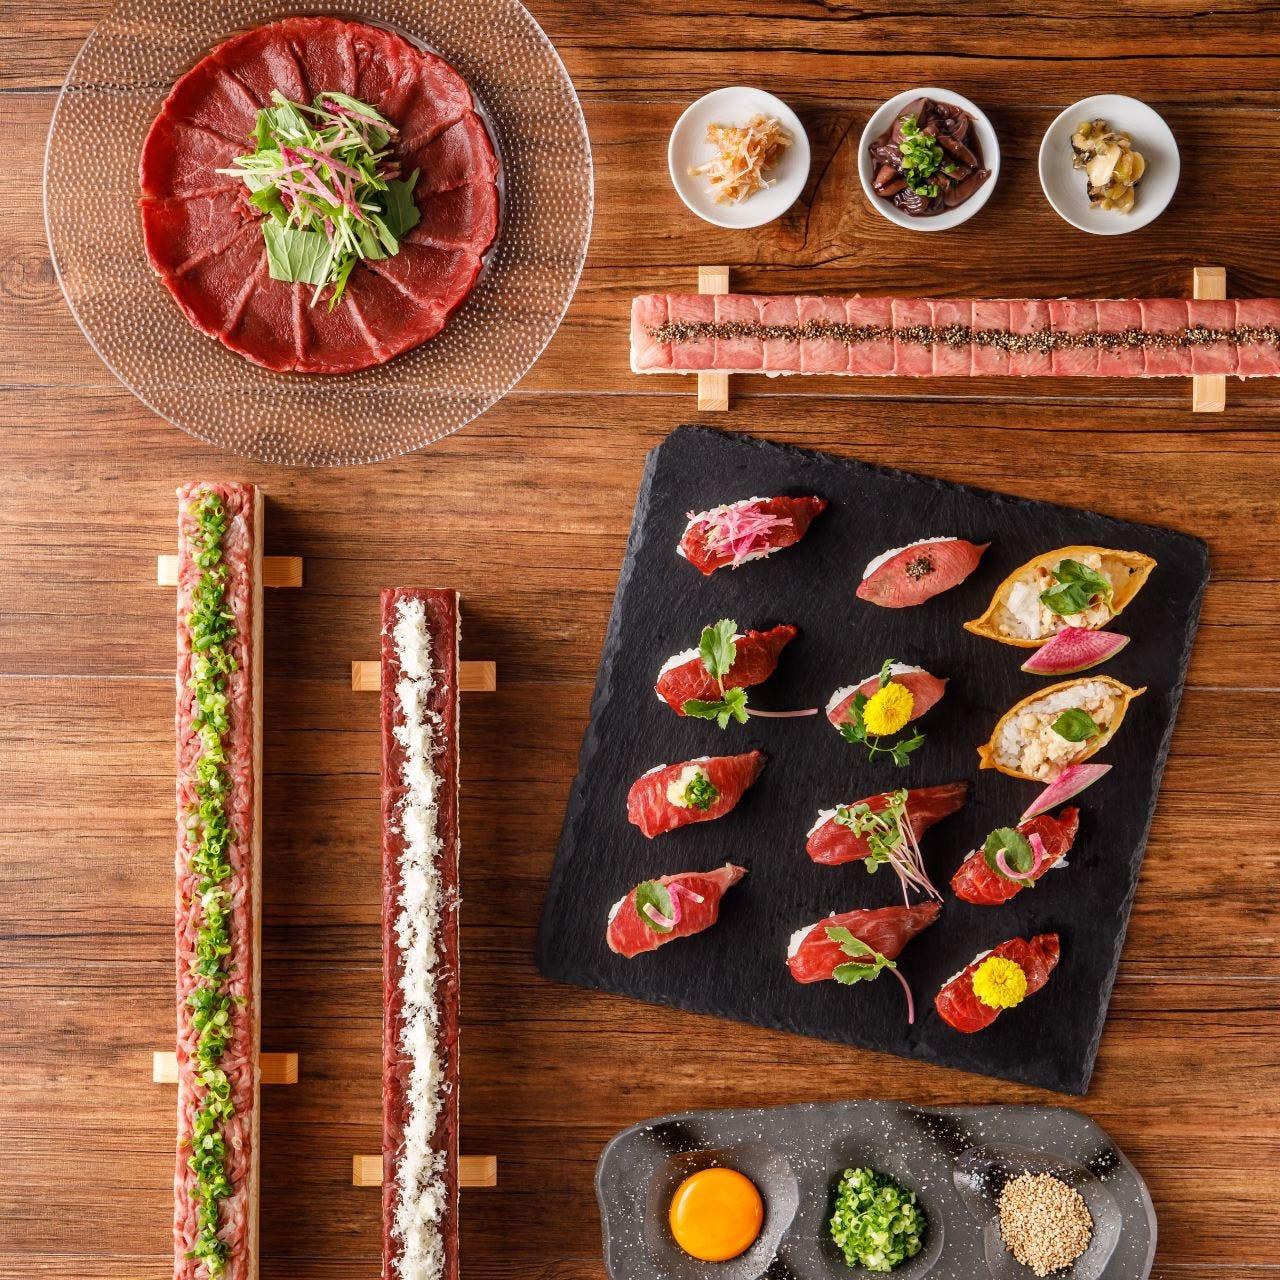 ◆【お料理のみ】インパクト抜群なロングユッケ寿司を満喫『平日限定!女子会コース』[全10品]2,400円